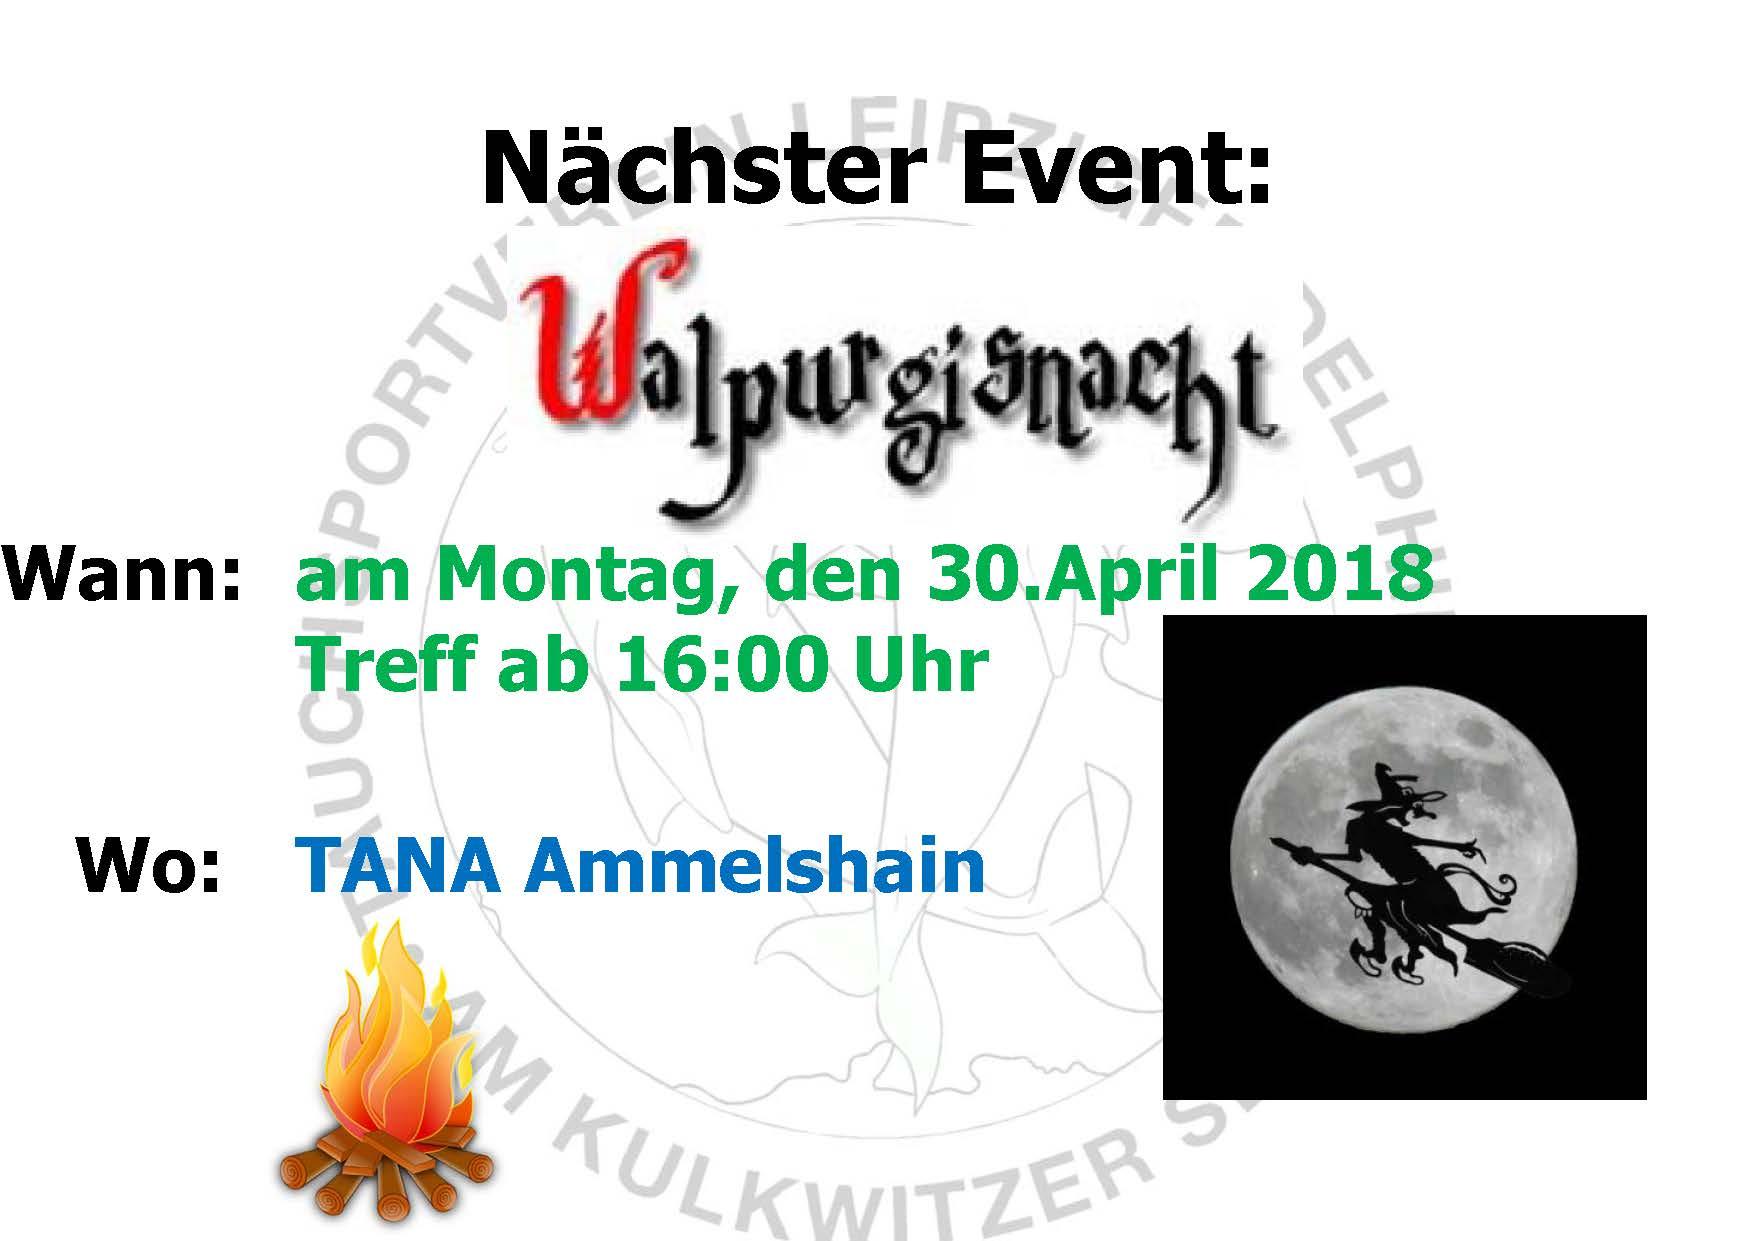 2018 03 25 Nächster Event Delphine Walpurgisnacht 2018